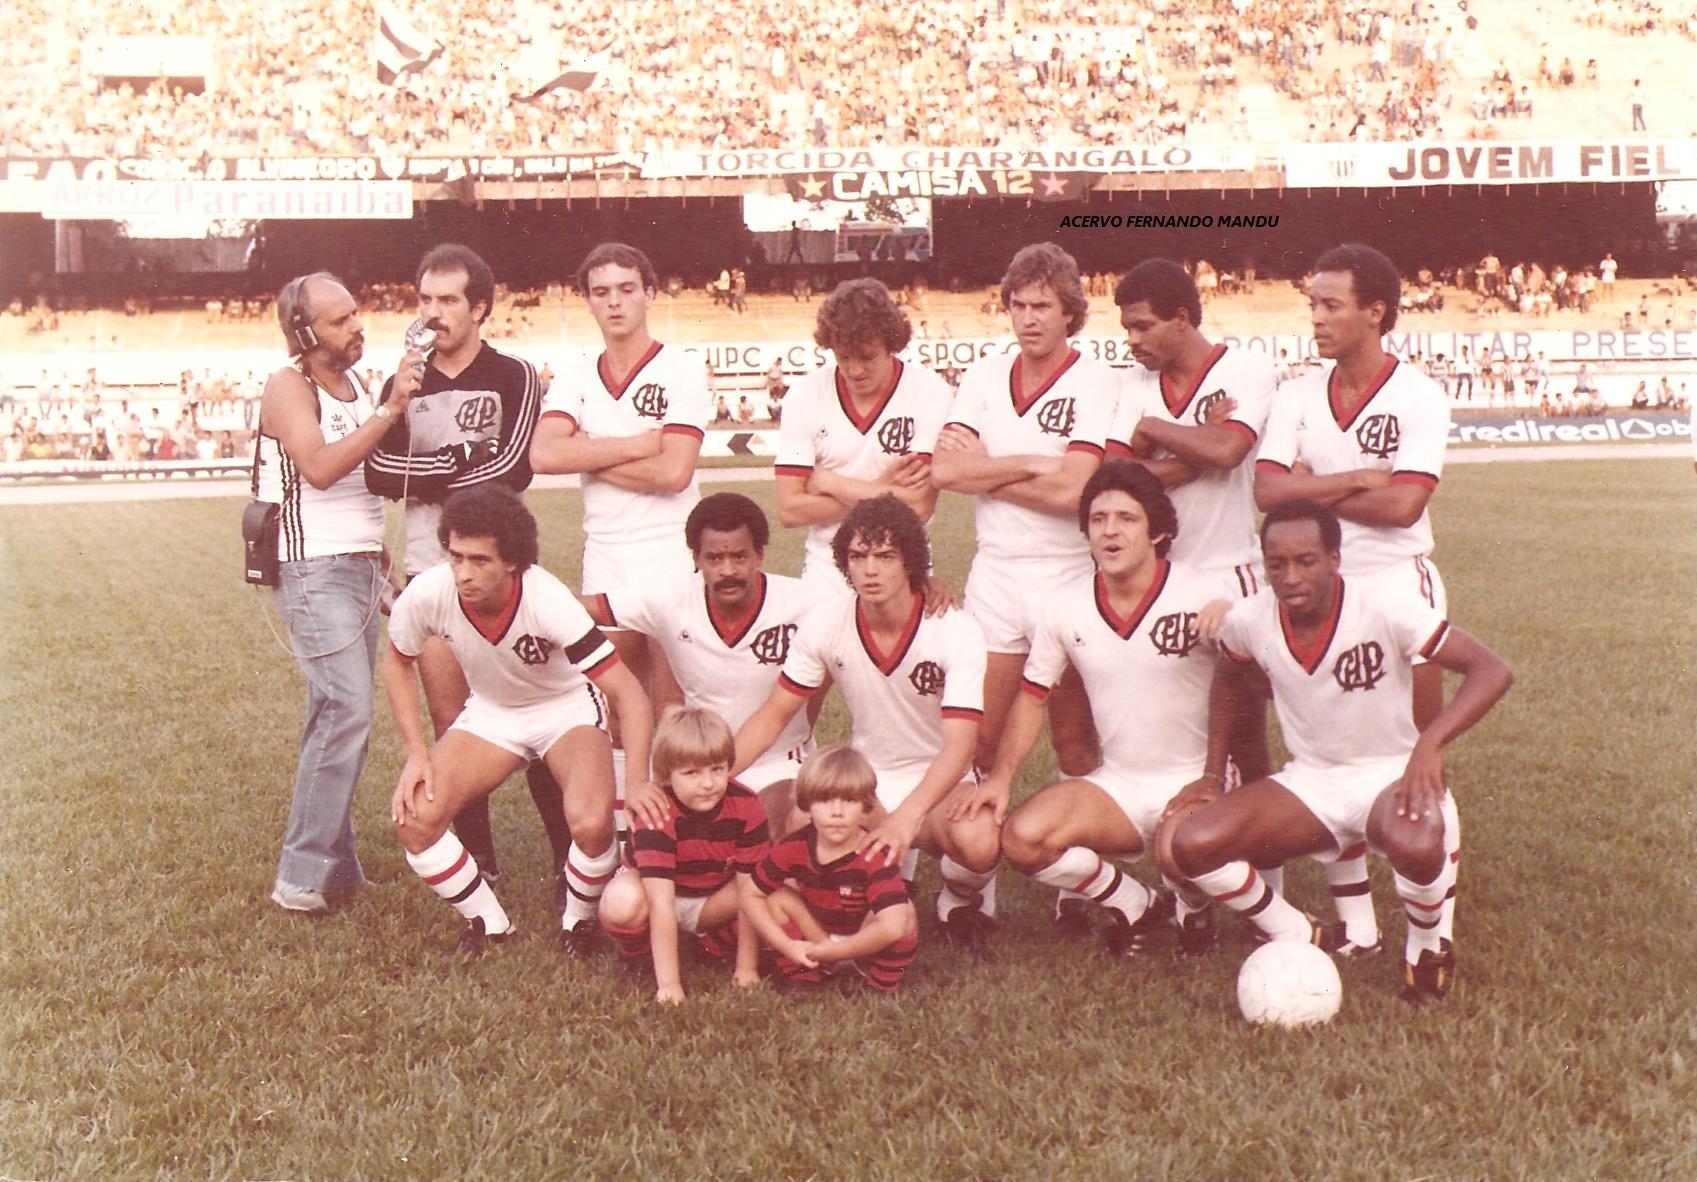 Os irmãos posam com o time do Athletico que enfrentou o Atlético-MG no Mineirão, em 1983 (Arquivo Pessoal)